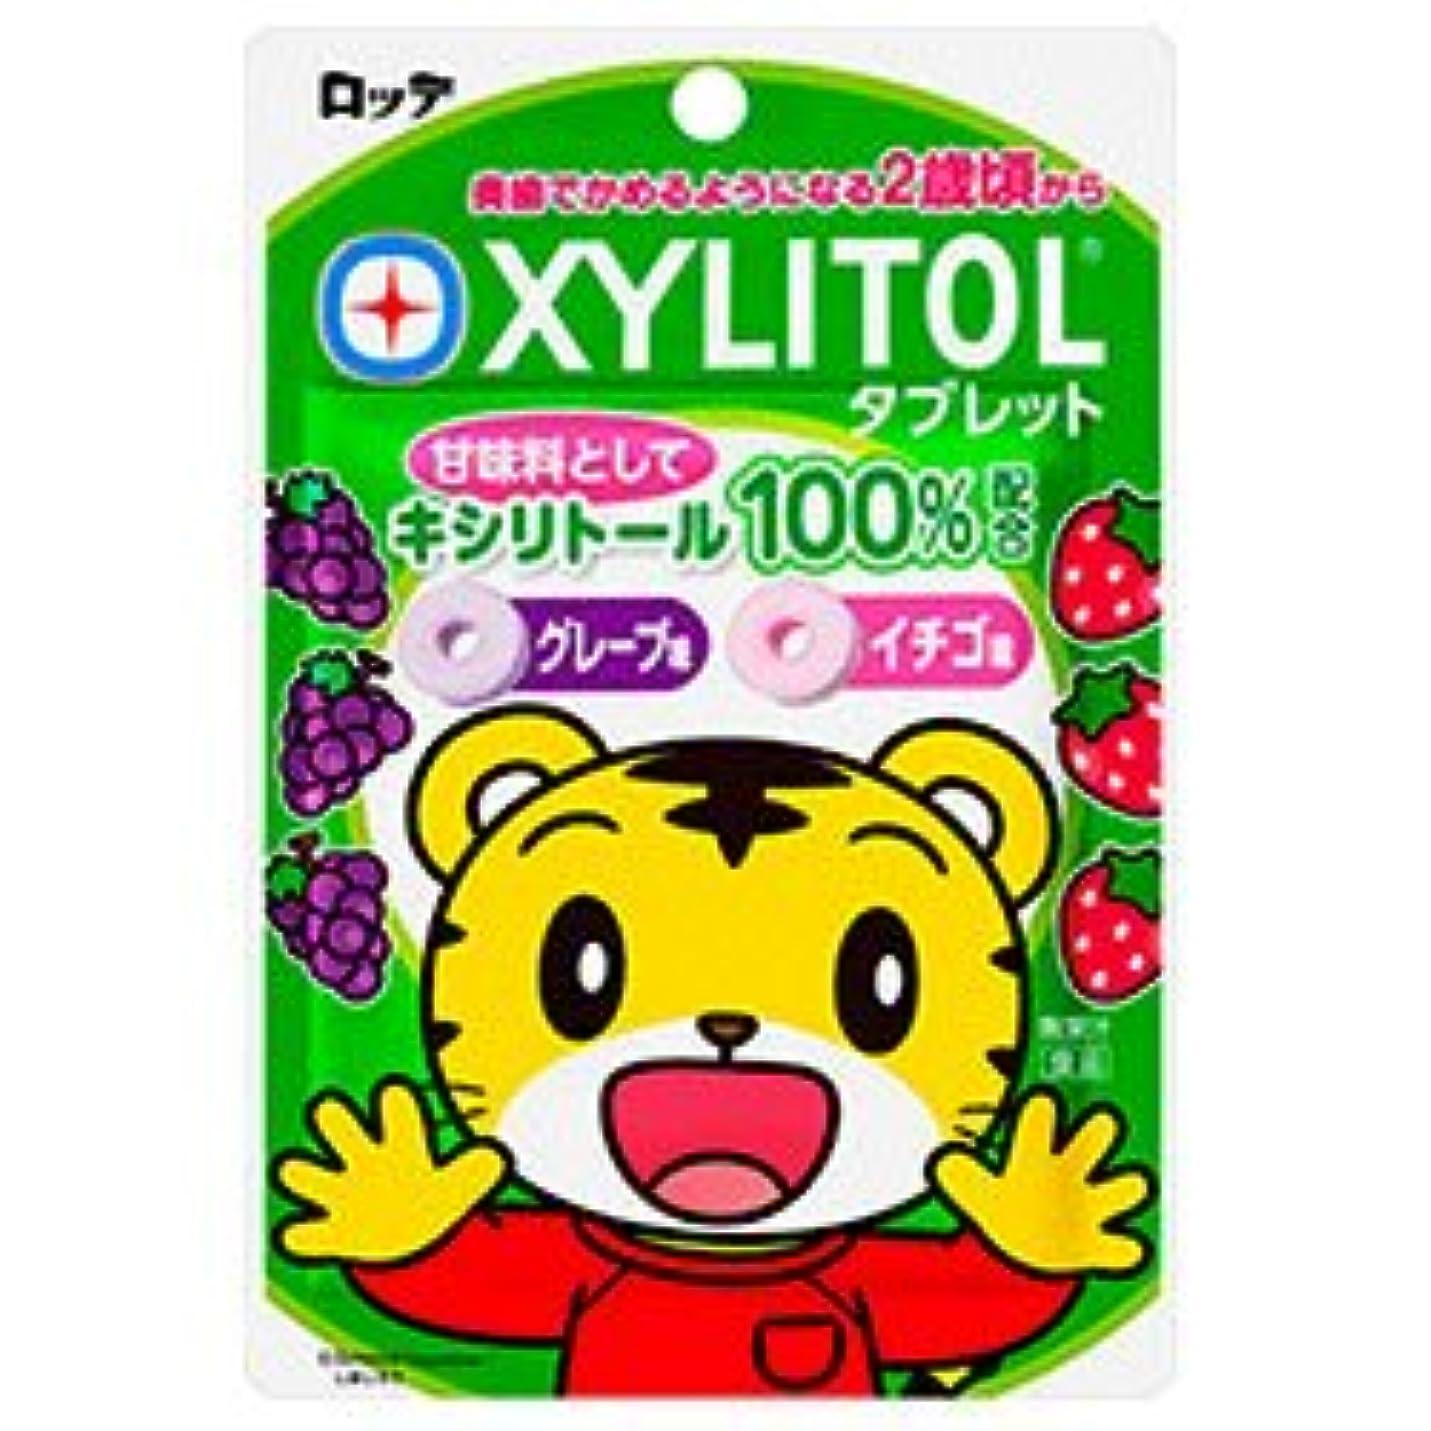 用心深いキュービック無能ロッテ キシリトールタブレット 30g×10袋入×(2ケース)